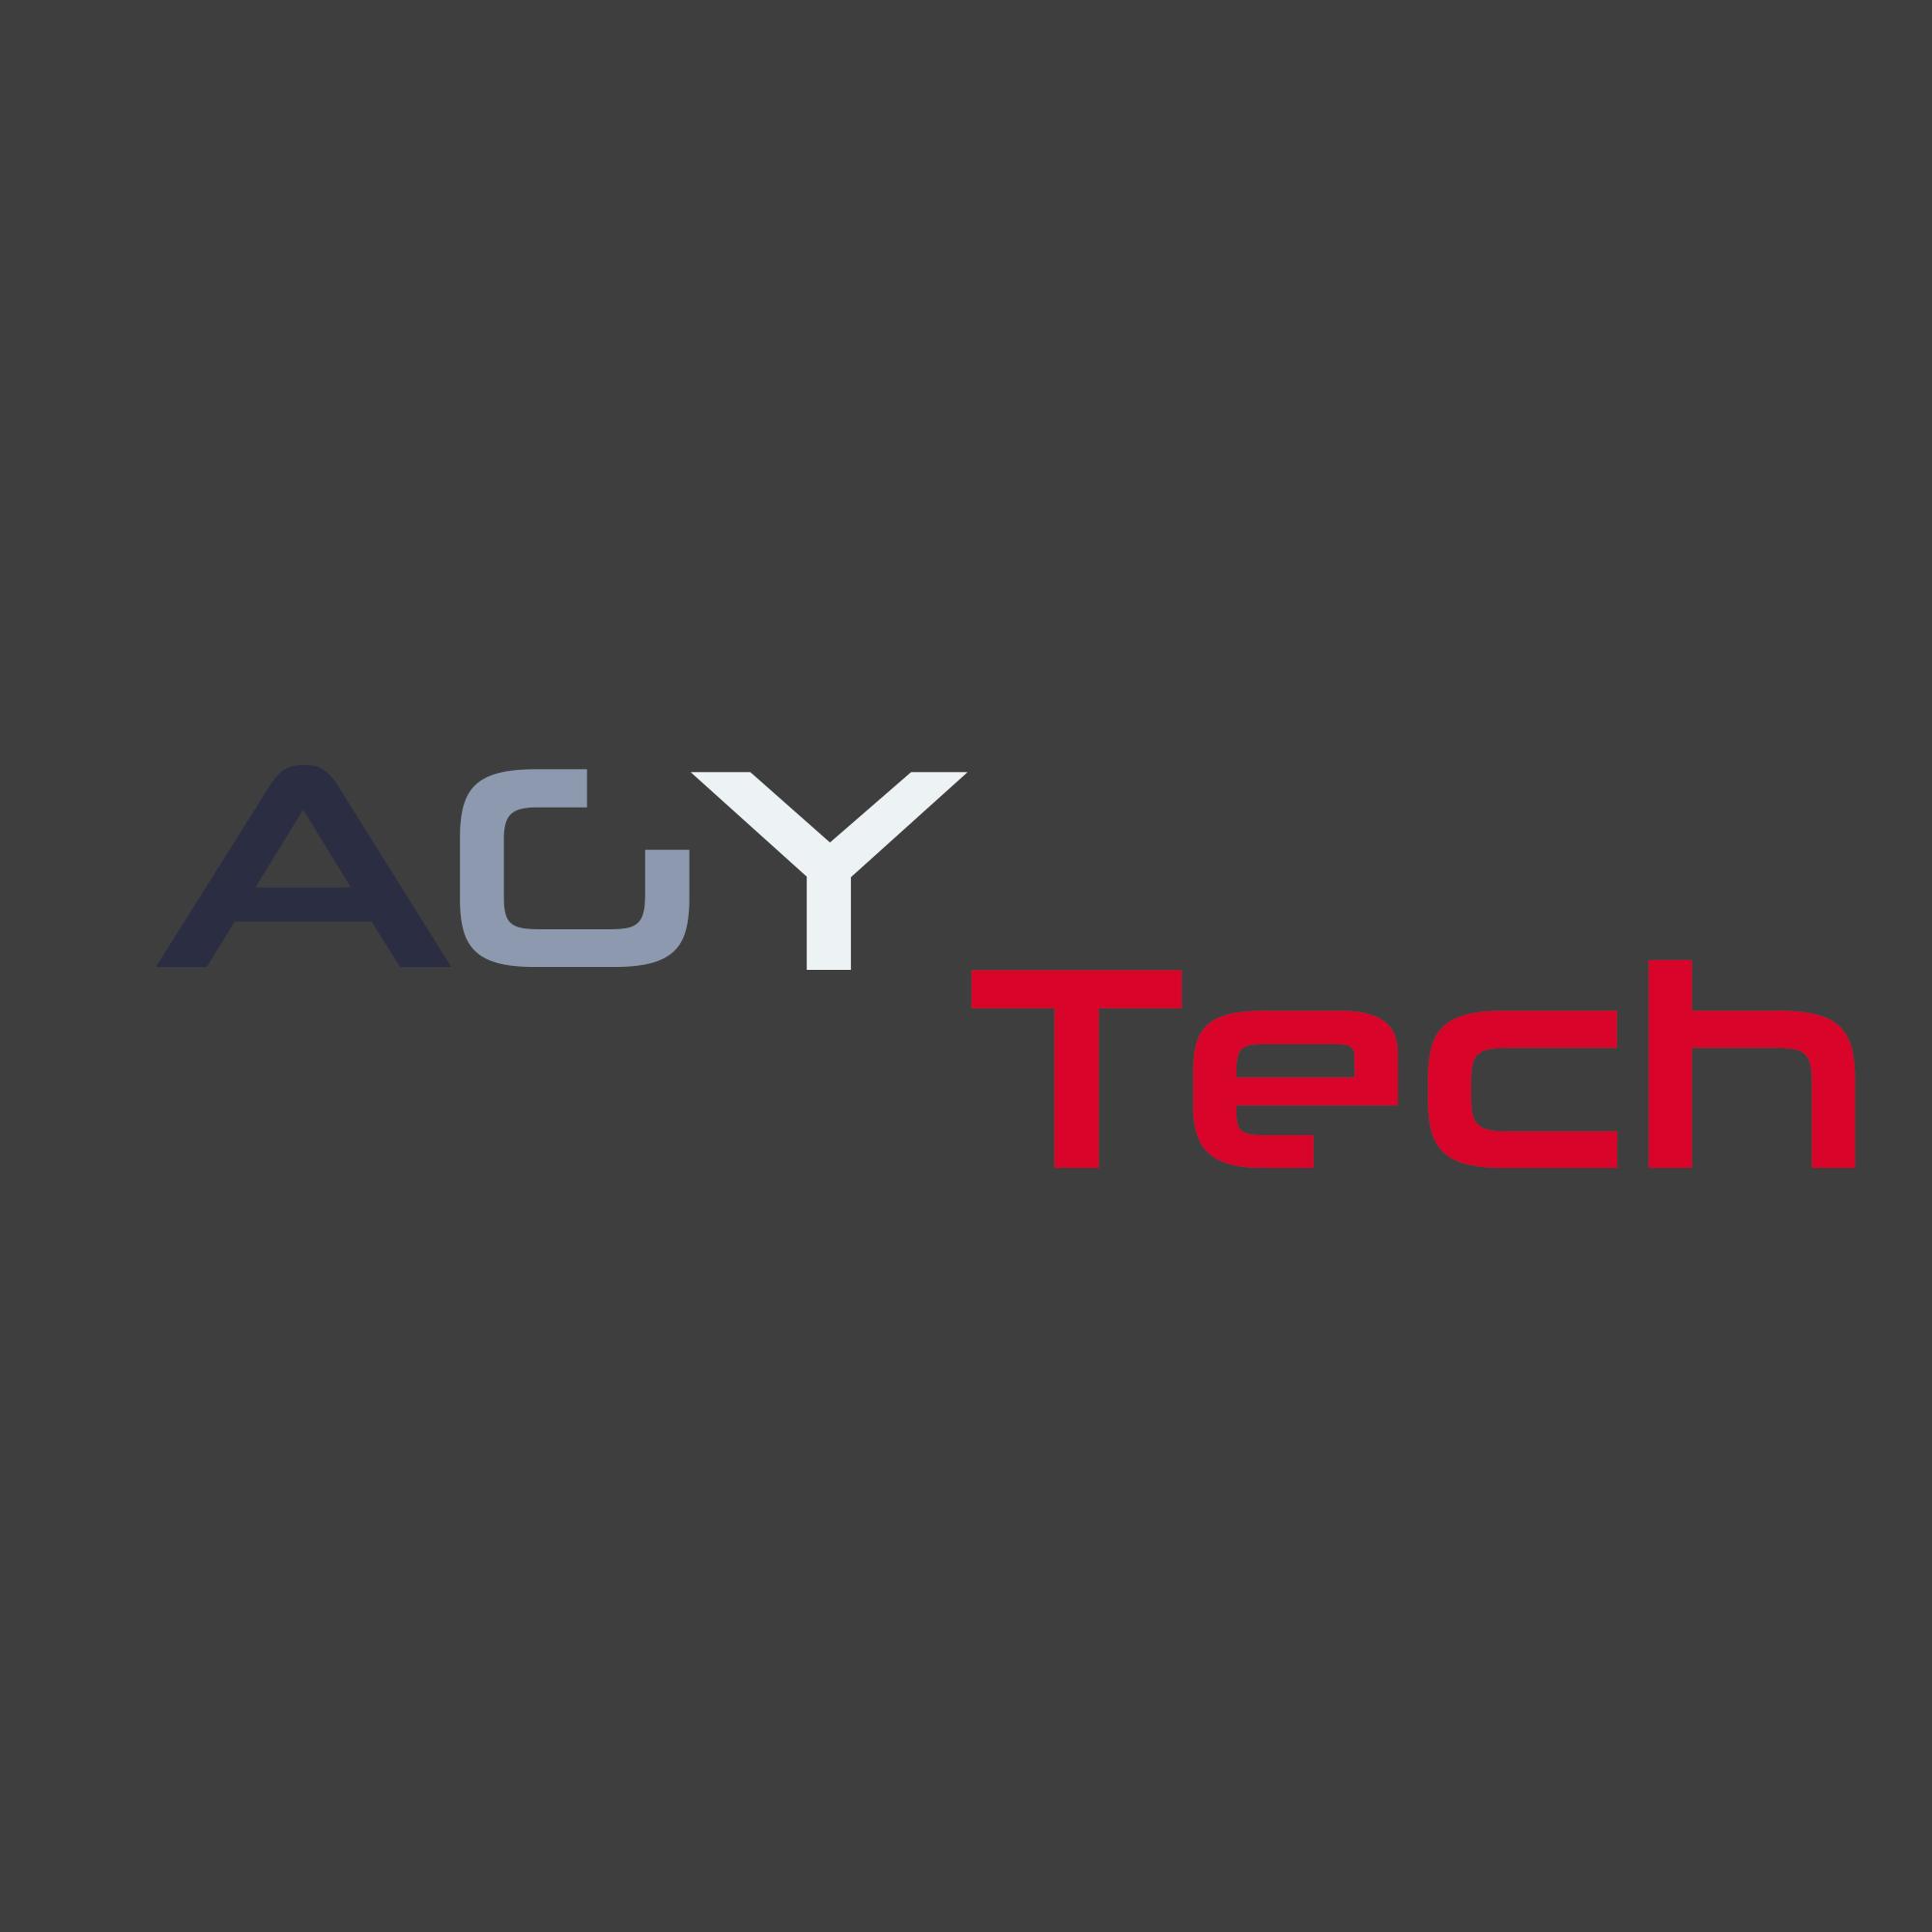 Portfolio von Ascotech Logo AGY Tech